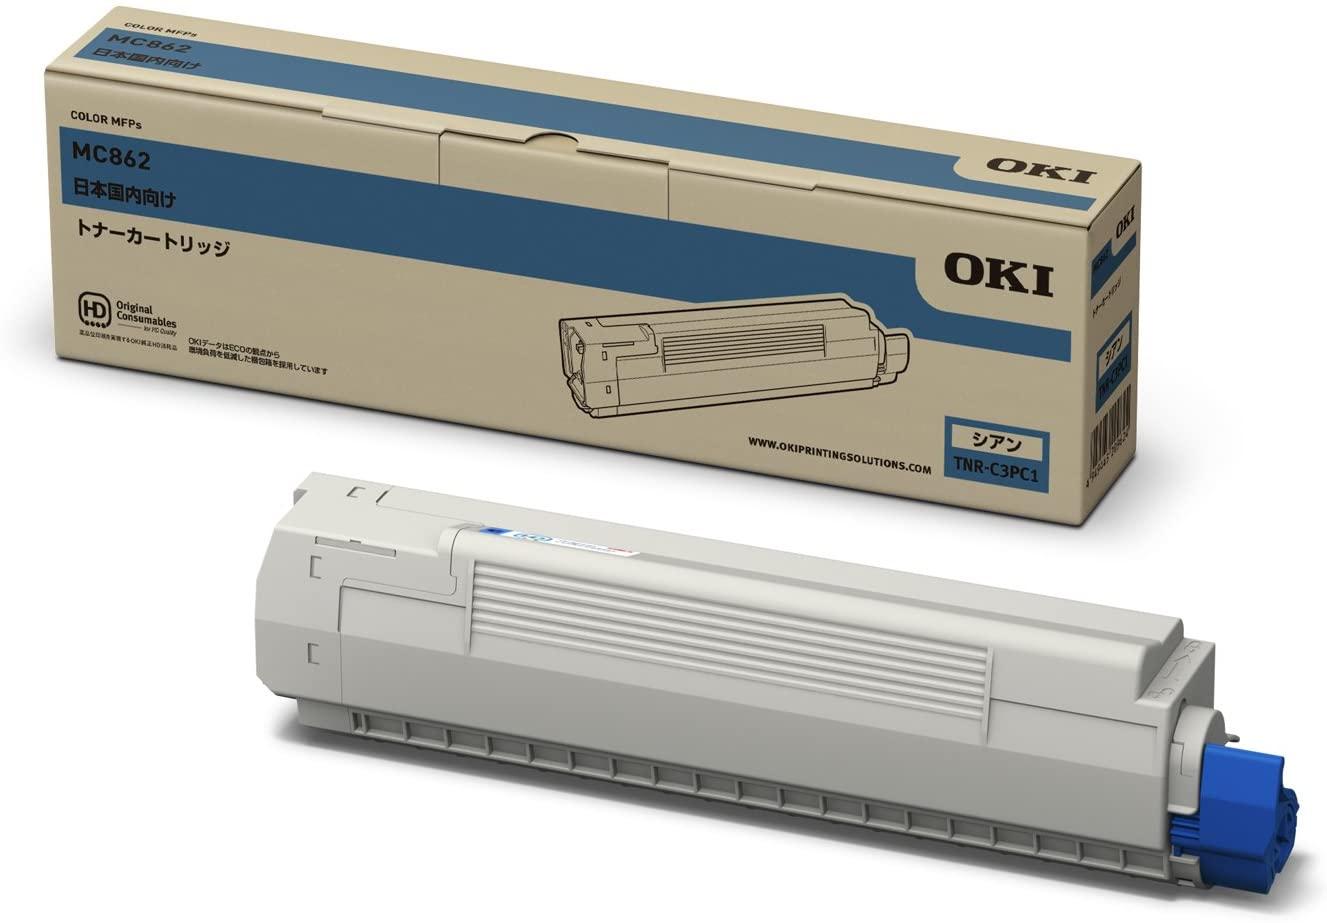 (メーカー純正)新品 OKI トナーカートリッジ シアン MC862dn-T / MC862dn TNR-C3PC1(送料無料)